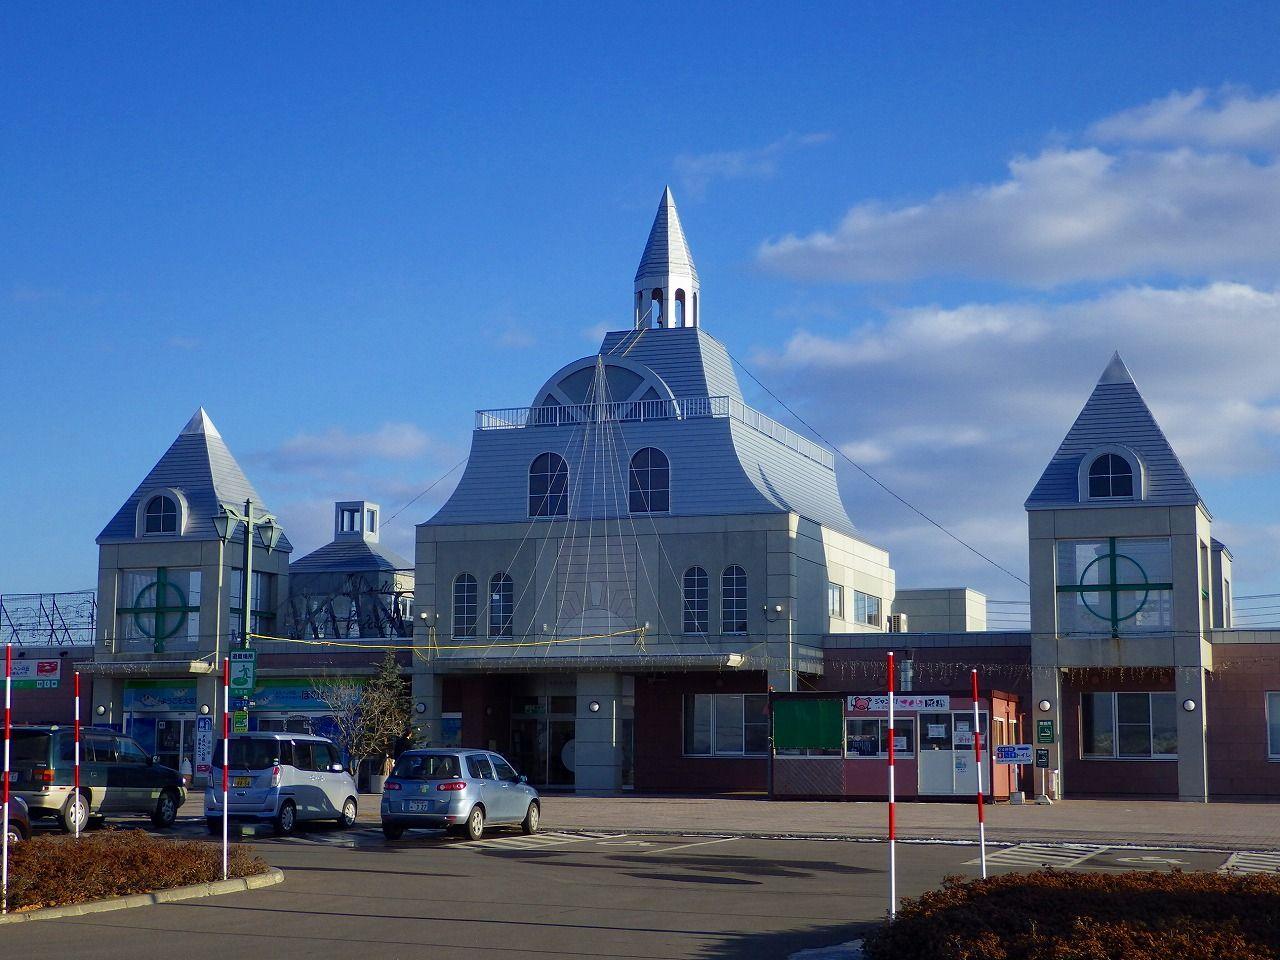 城のような外観の道の駅「メルヘンの丘めまんべつ」